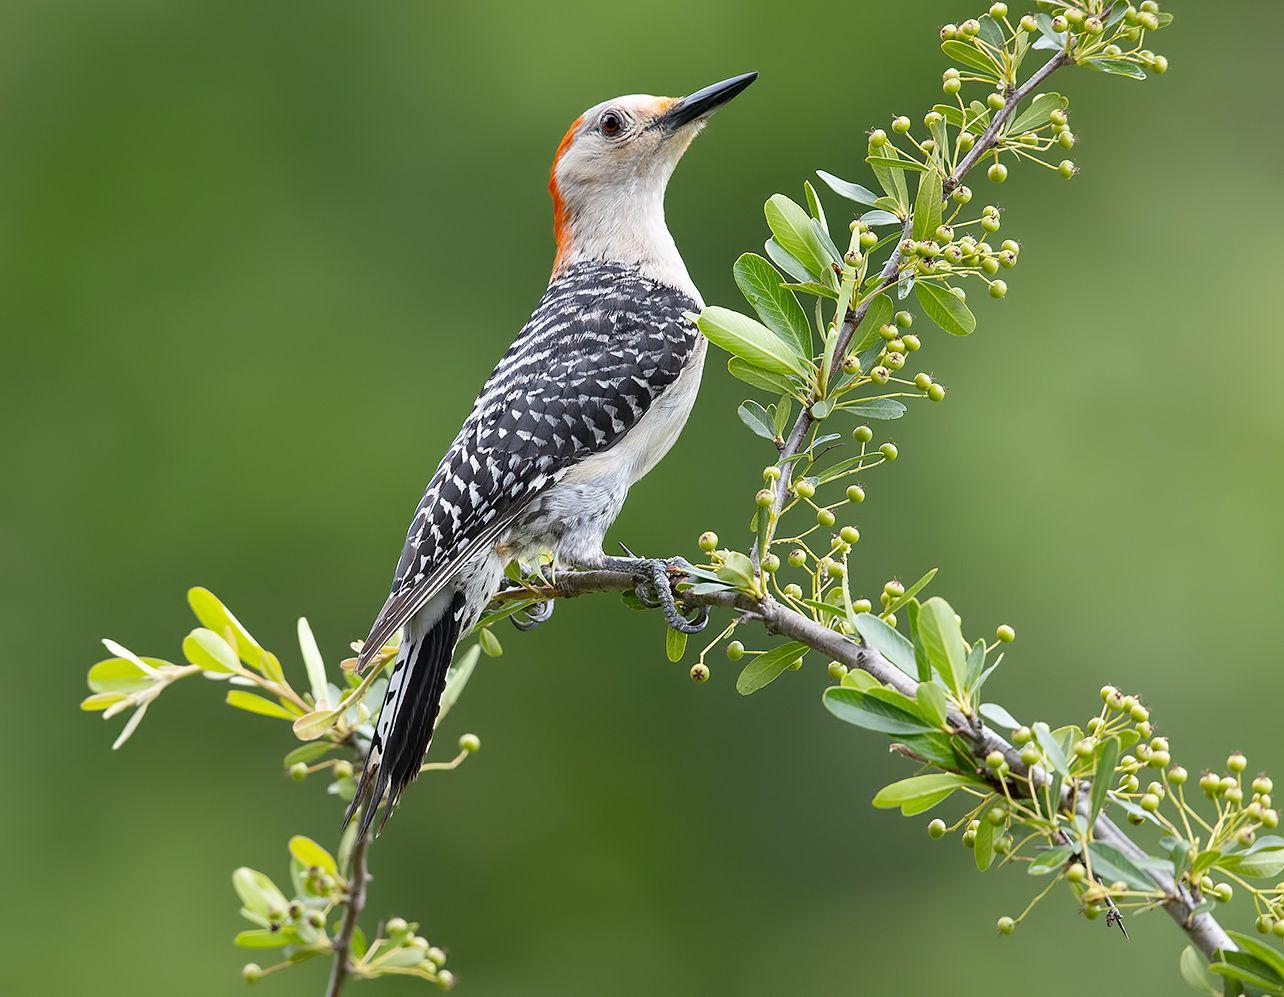 дятел, каролинский меланерпес, red-bellied woodpecker, woodpecker, Etkind Elizabeth